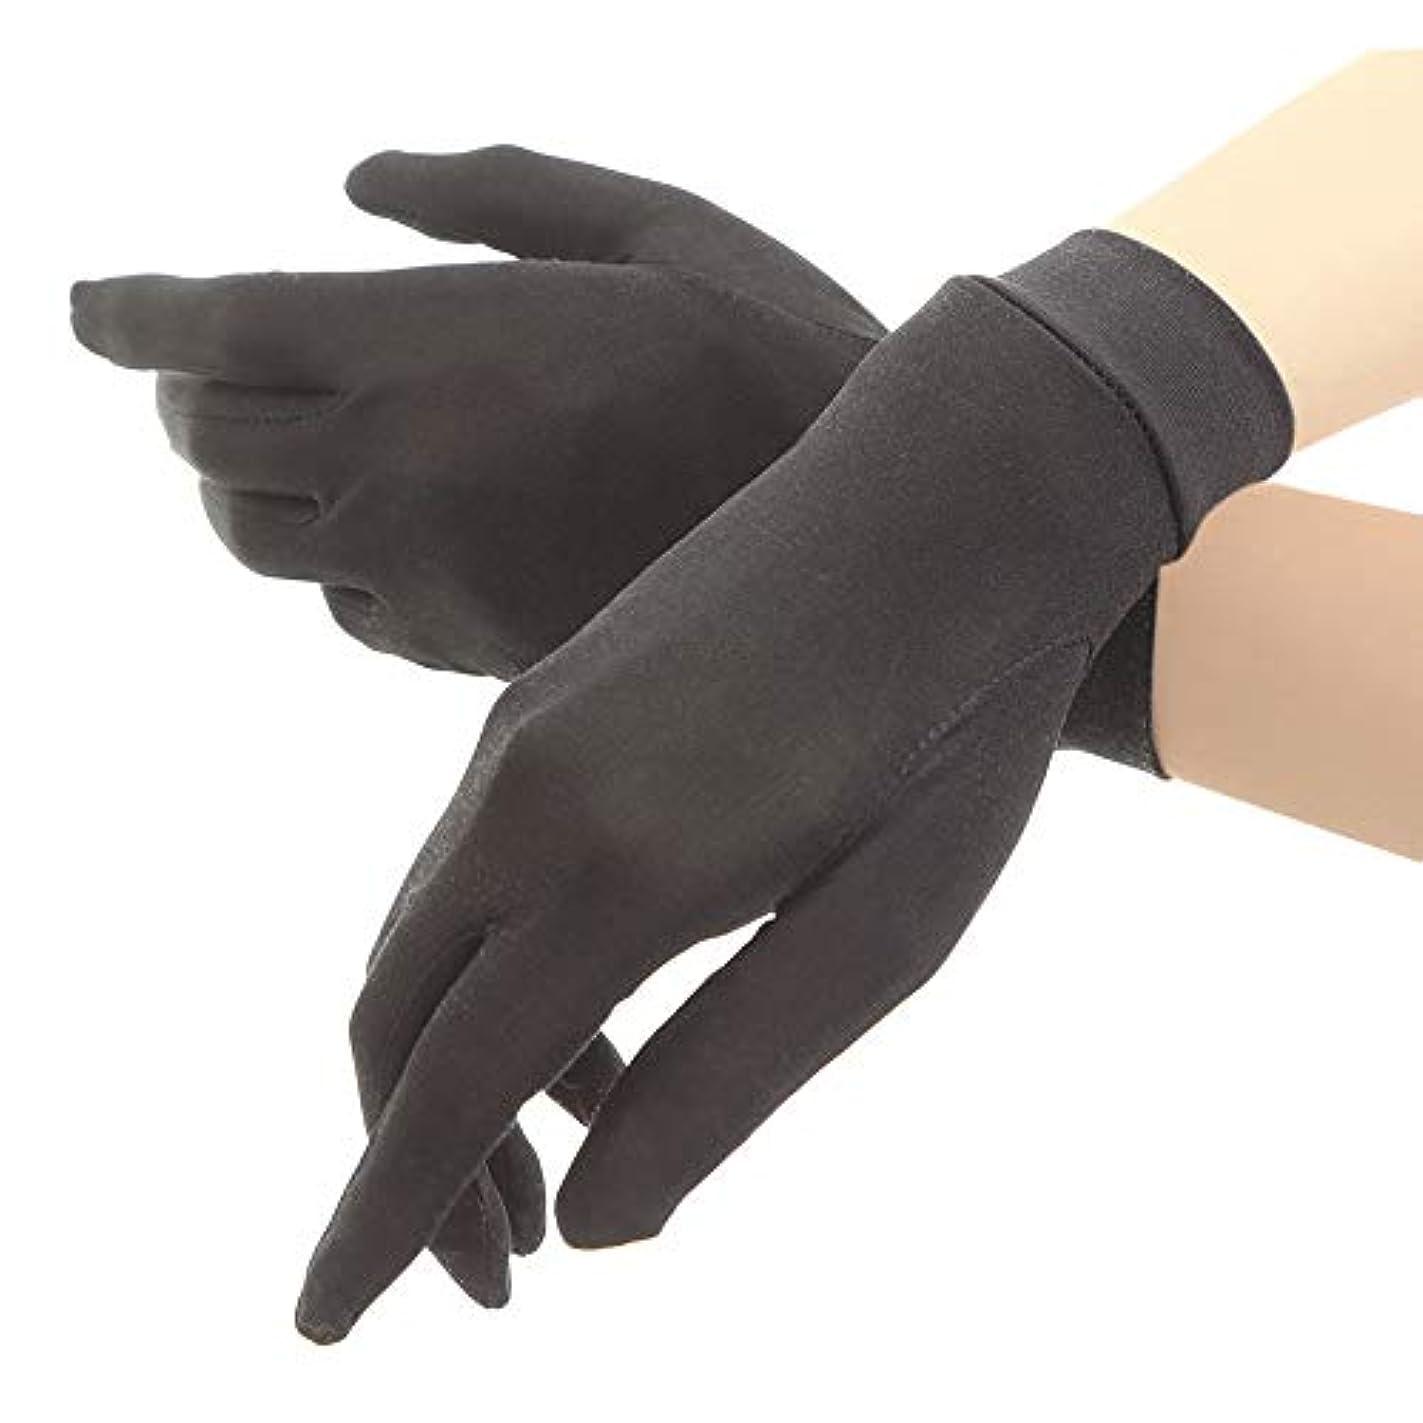 ジュラシックパーク道徳教育ワインシルク手袋 レディース 手袋 シルク 絹 ハンド ケア 保湿 紫外線 肌荒れ 乾燥 サイズアップで手指にマッチ 【macch】